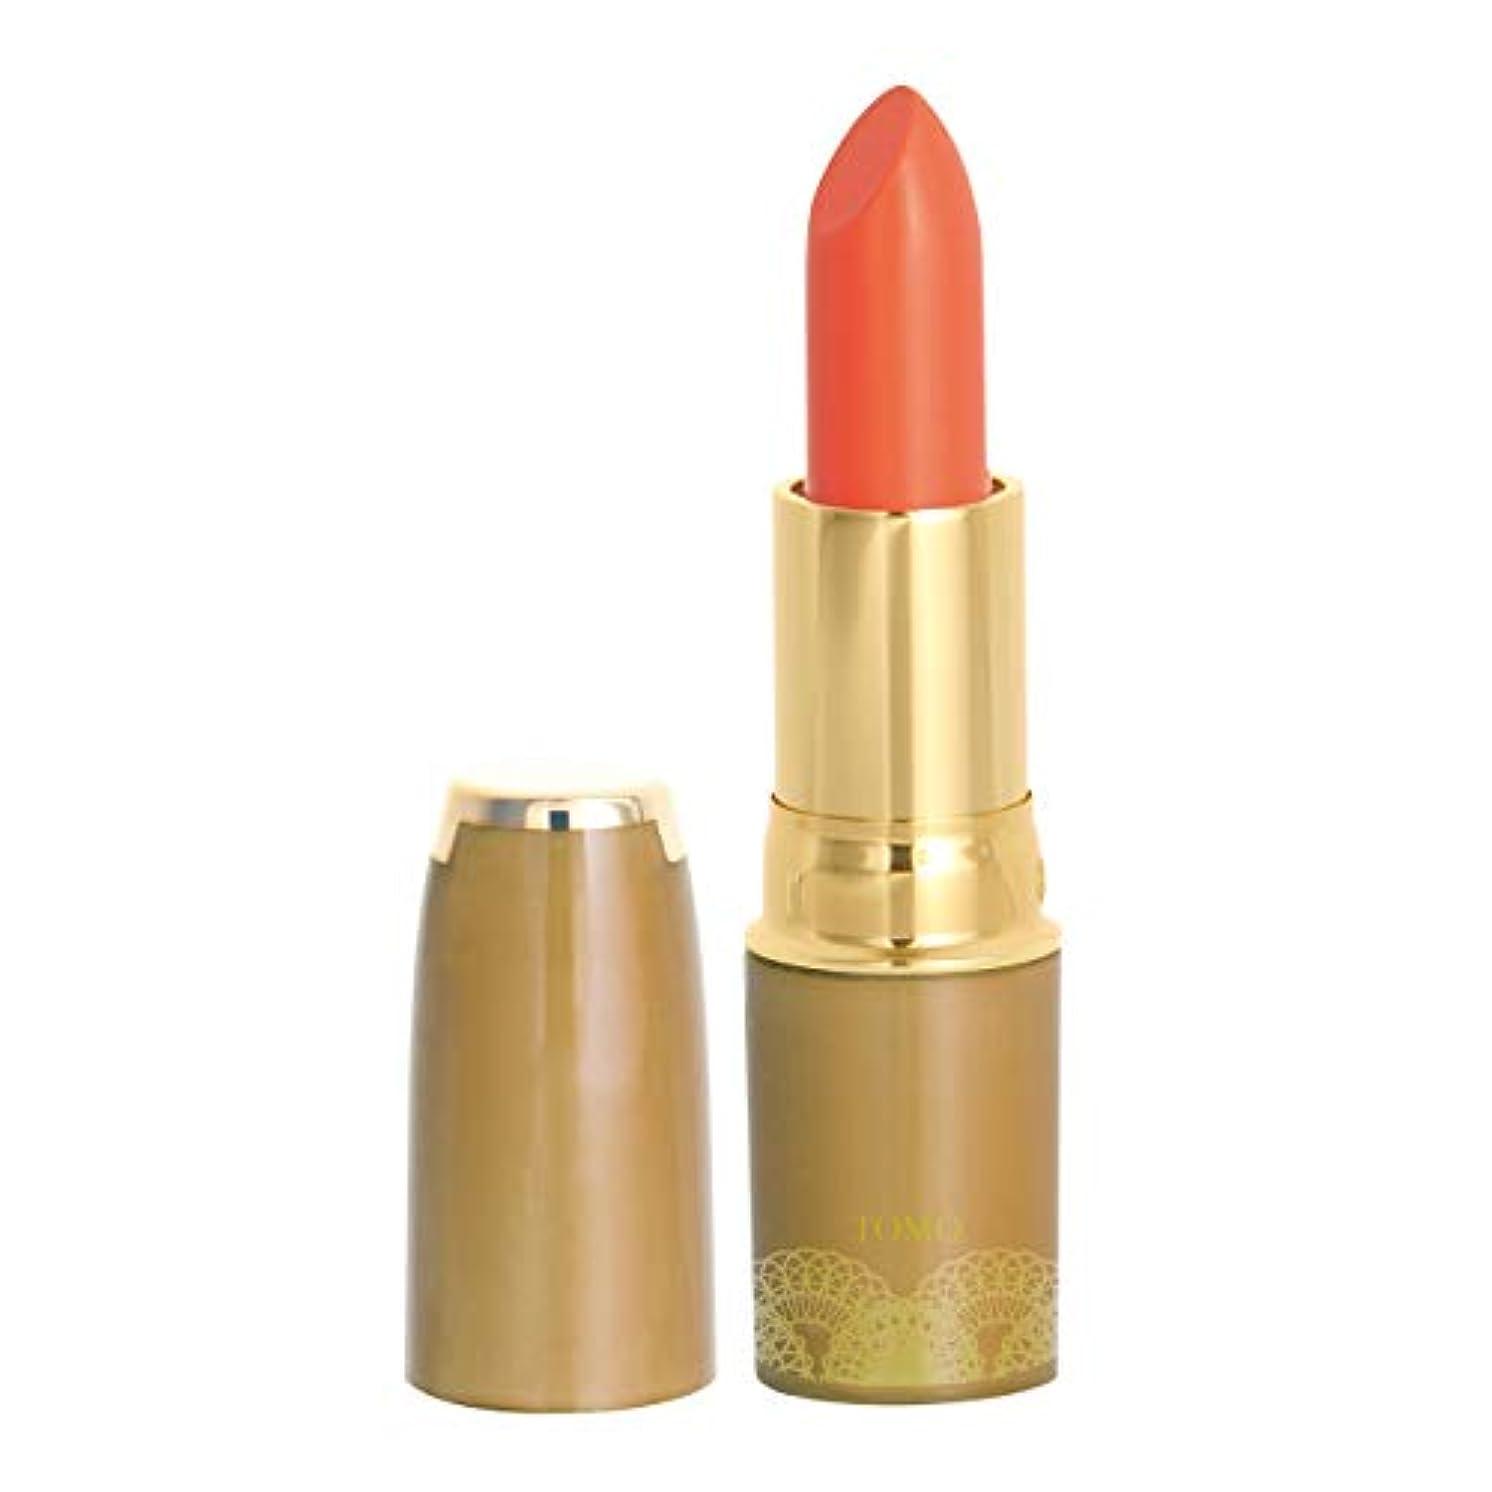 楽な定常エキス安心 安全 低刺激 食用色素からできた口紅 ナチュレリップカラー LC-03 (コーラルオレンジ) 全6色